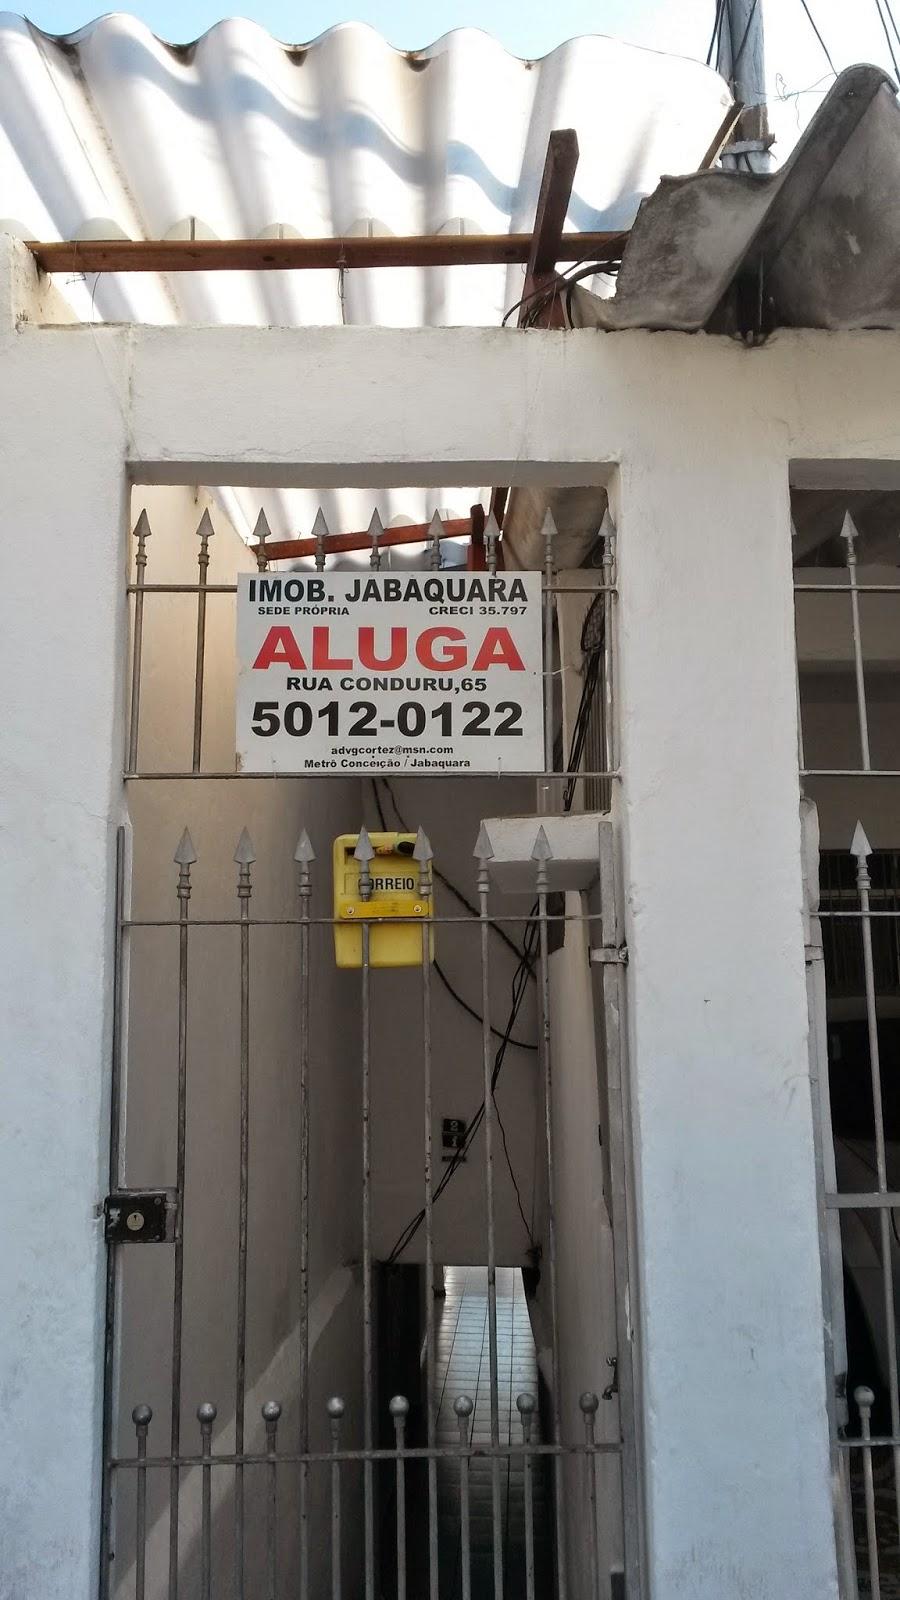 Quarto E Cozinha 5 Quadras Metr Jabaquara Imobiliaria Jabaquara -> Quarto Sala Cozinha E Banheiro Para Alugar Em Sp